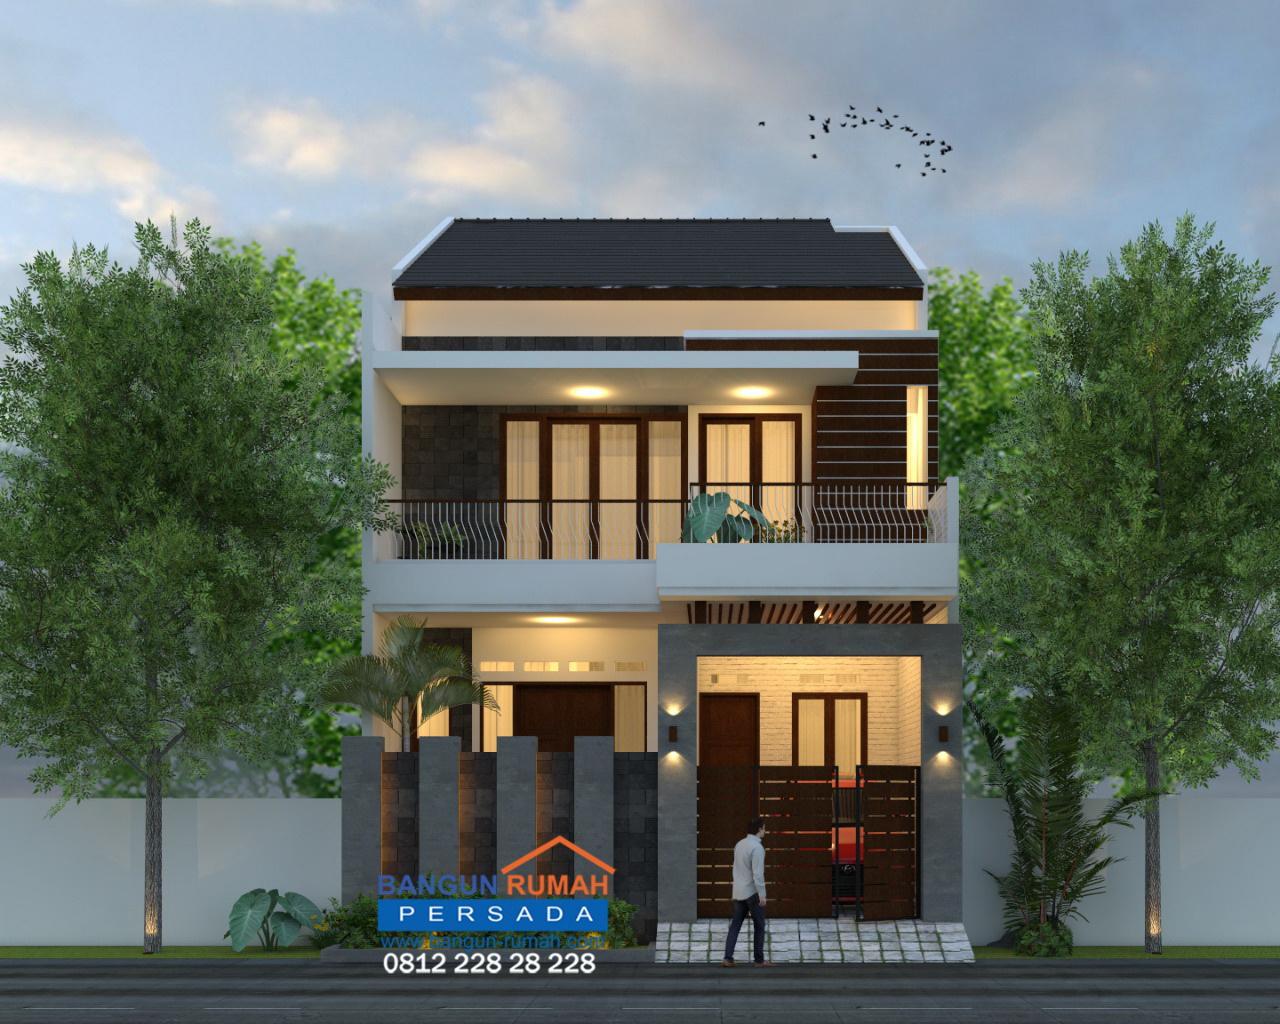 Desain Rumah Minimalis Irit Biaya - desain rumah minimalis ...